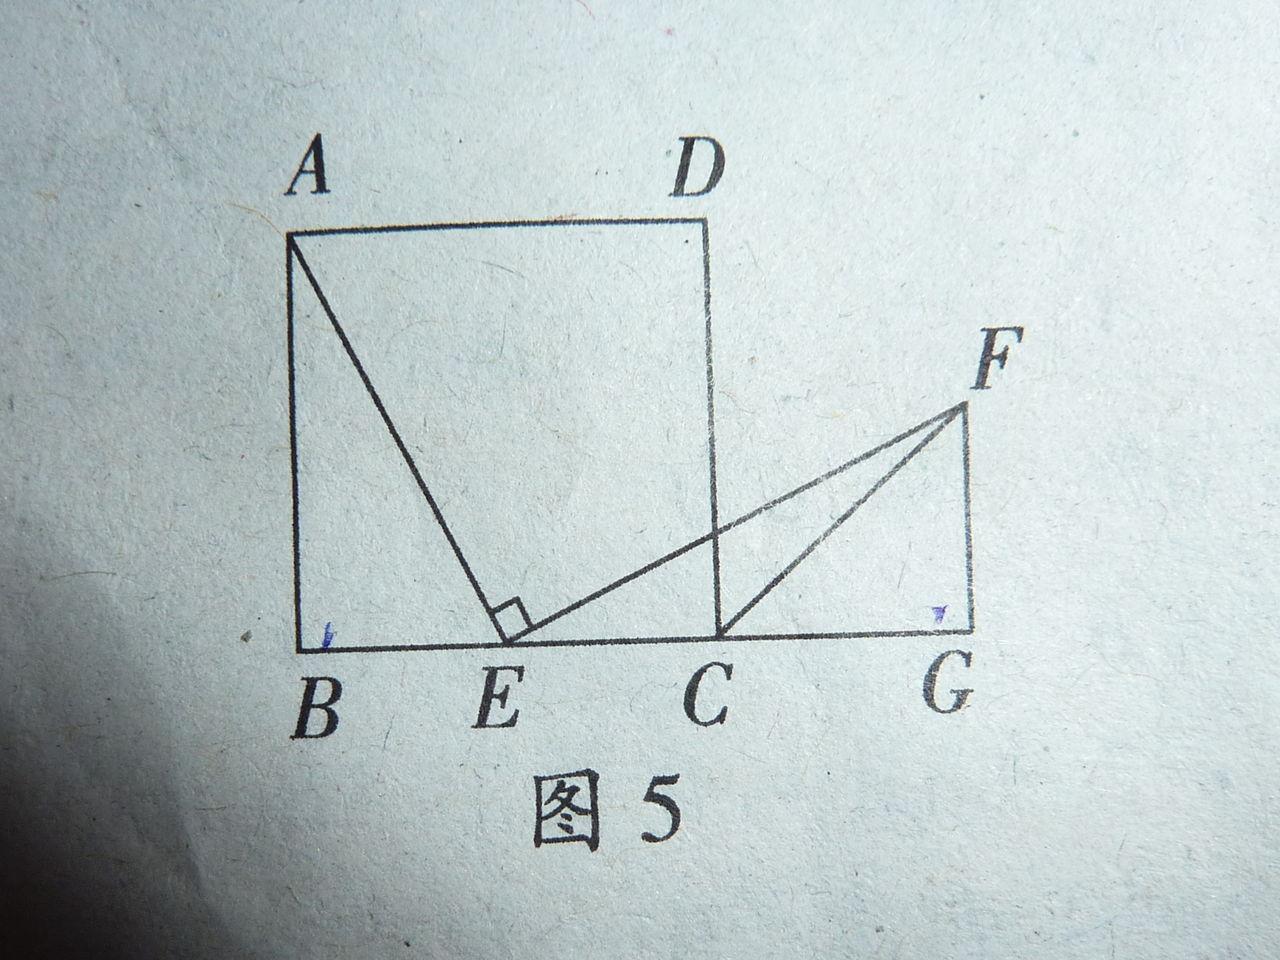 数学几何题图片